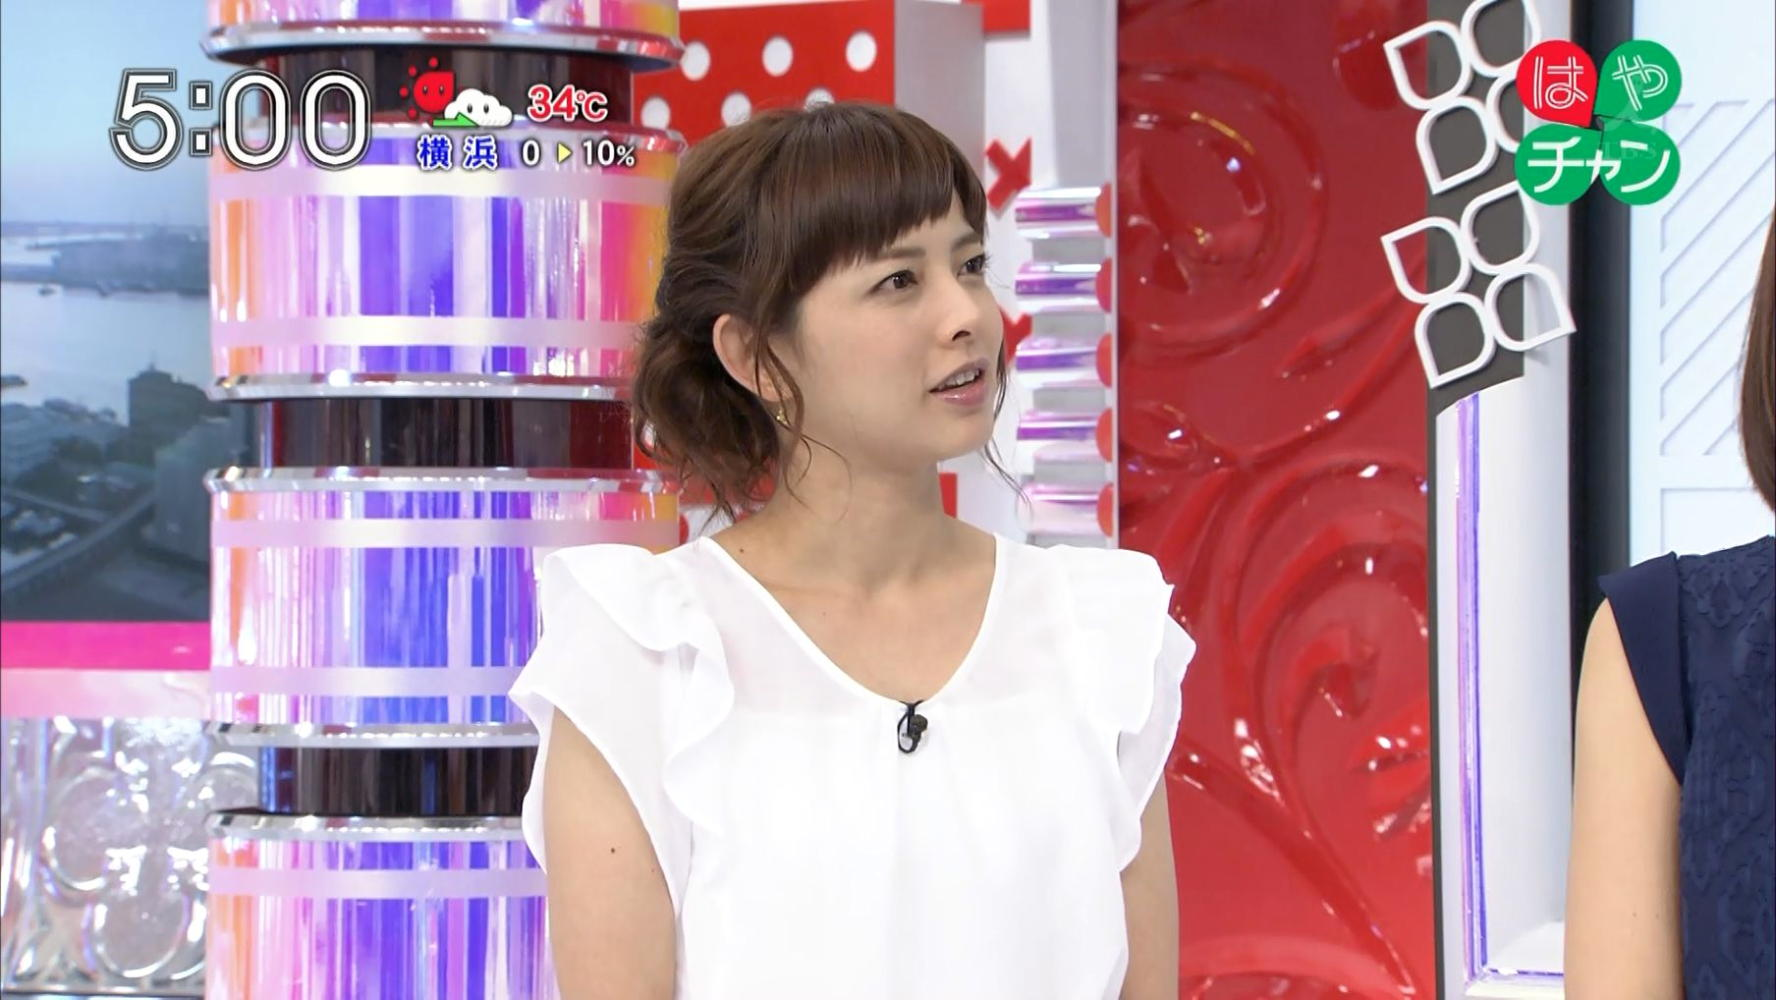 尾崎朋美の画像 p1_11